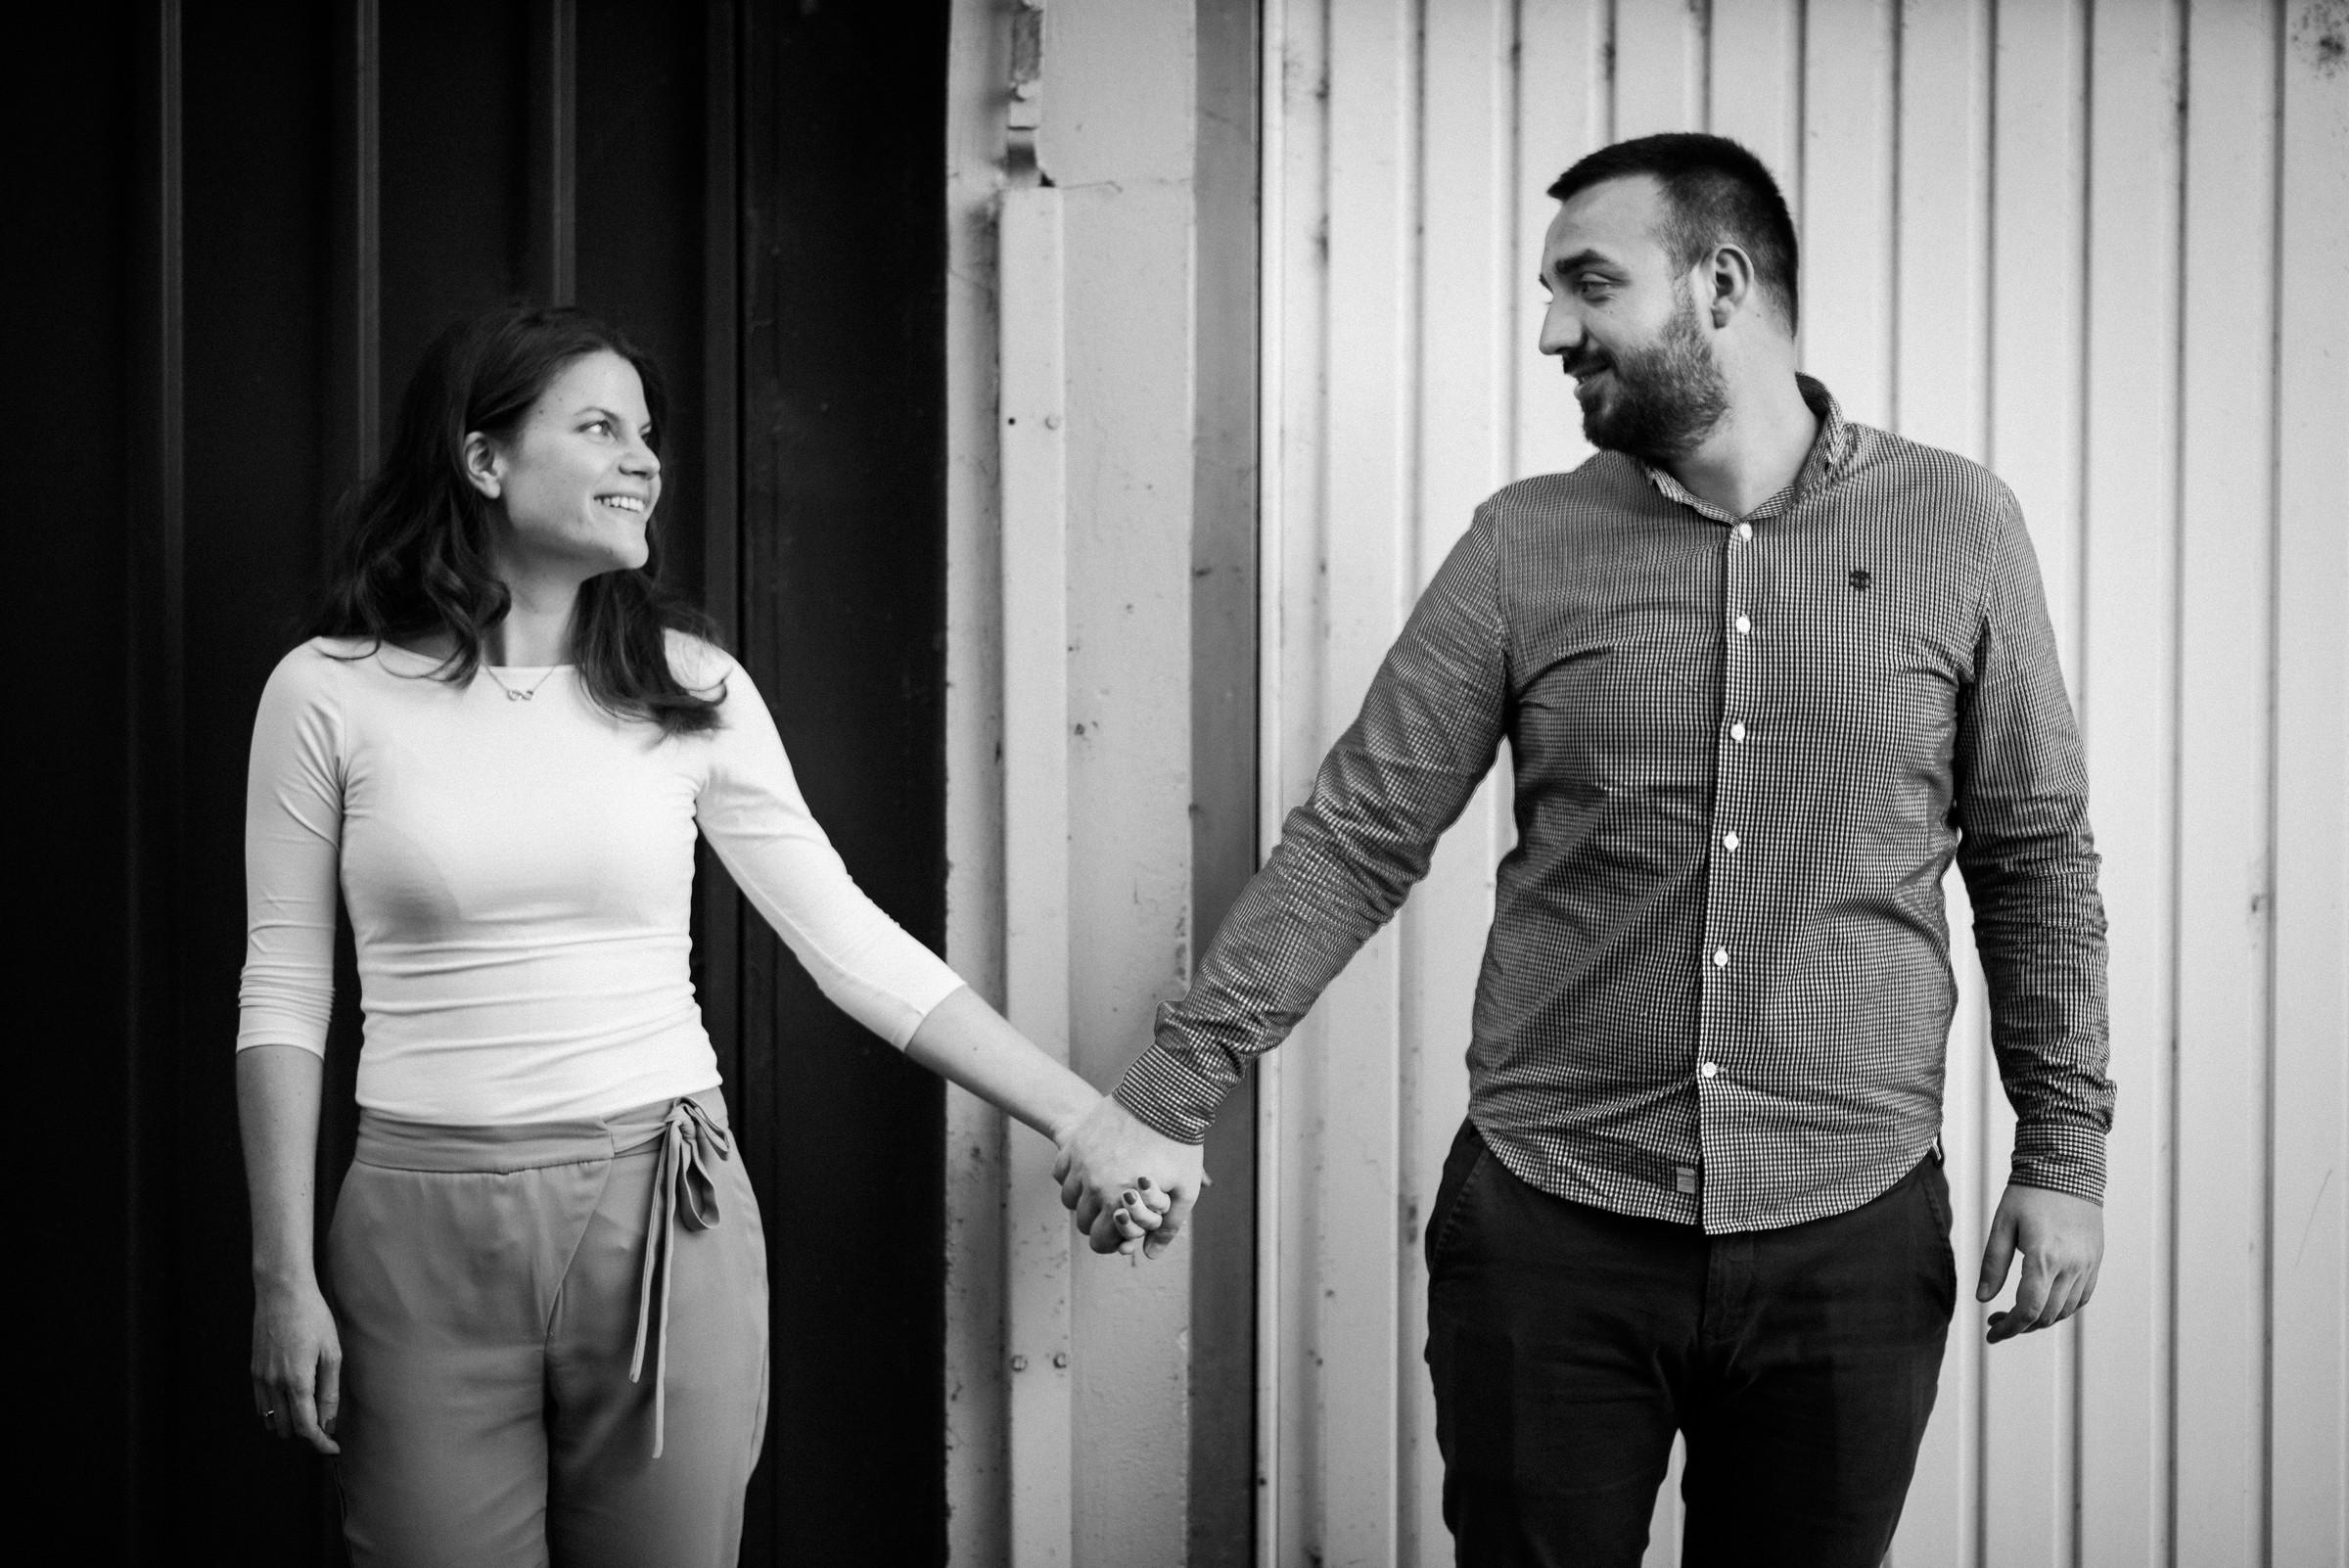 couple holding hands in front of garage door